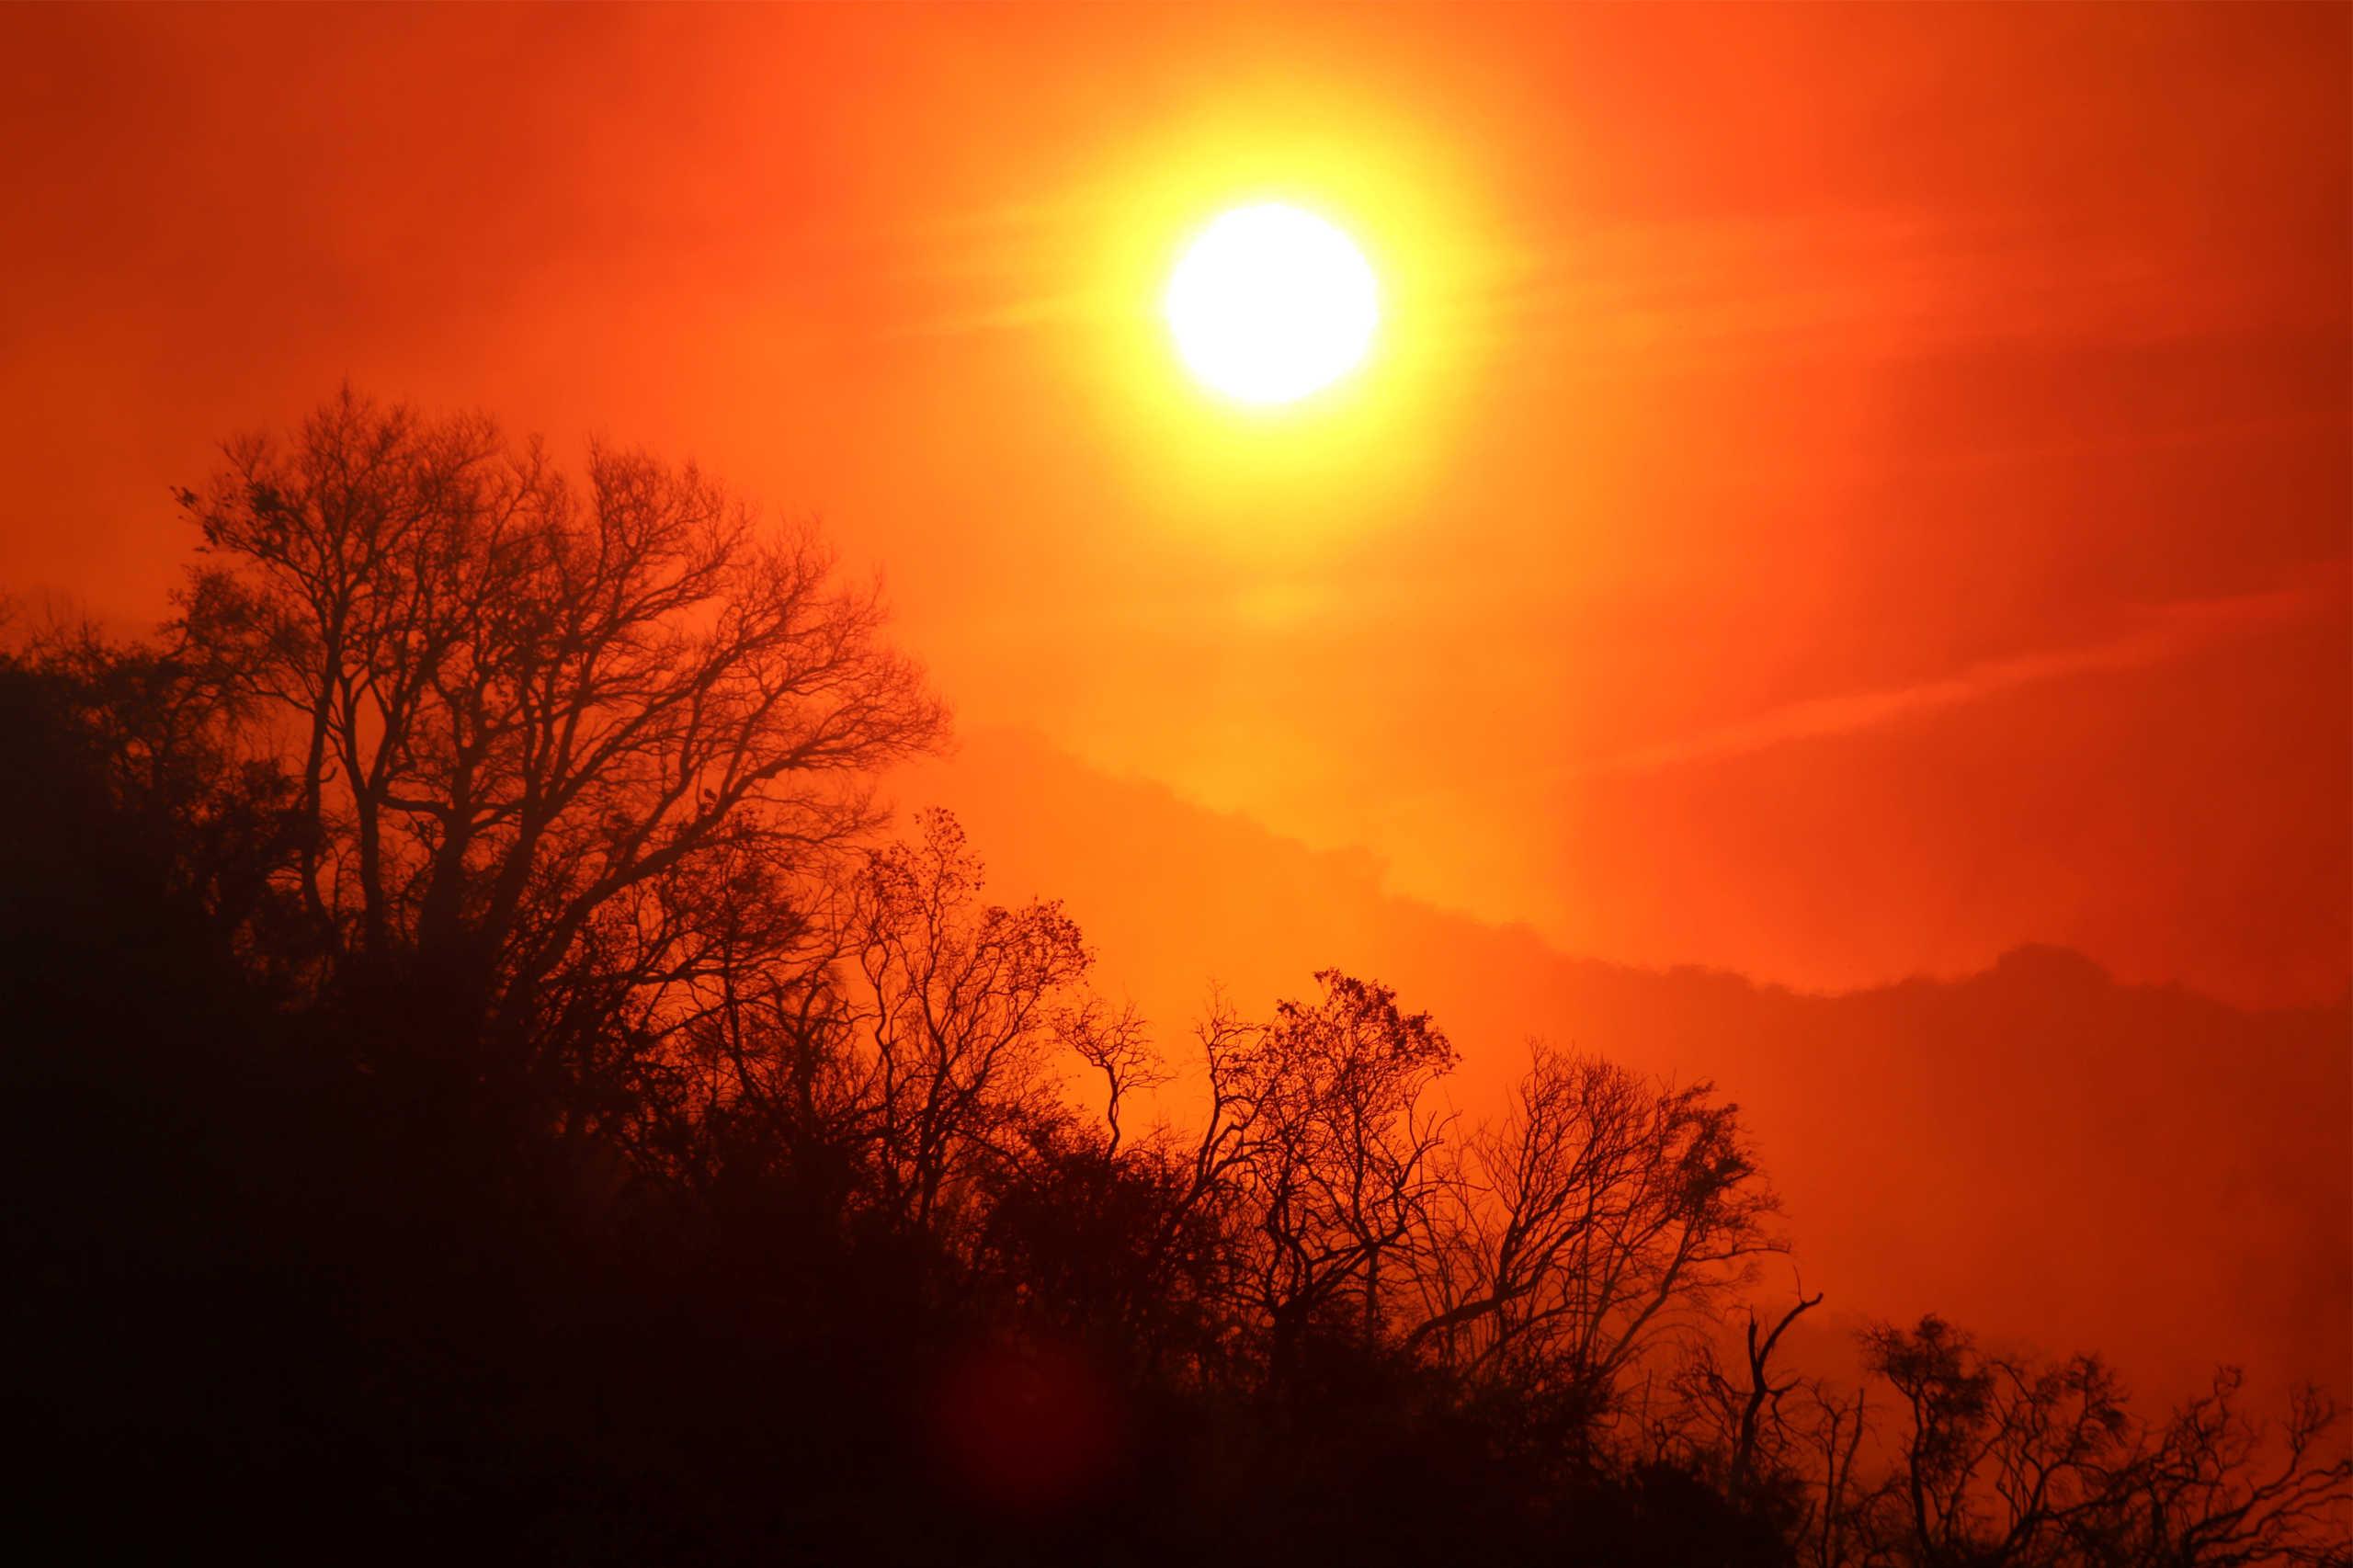 Καιρός σήμερα: Ζέστη σε όλη τη χώρα, ανεβαίνει κι άλλο η θερμοκρασία - Πού θα βρέξει